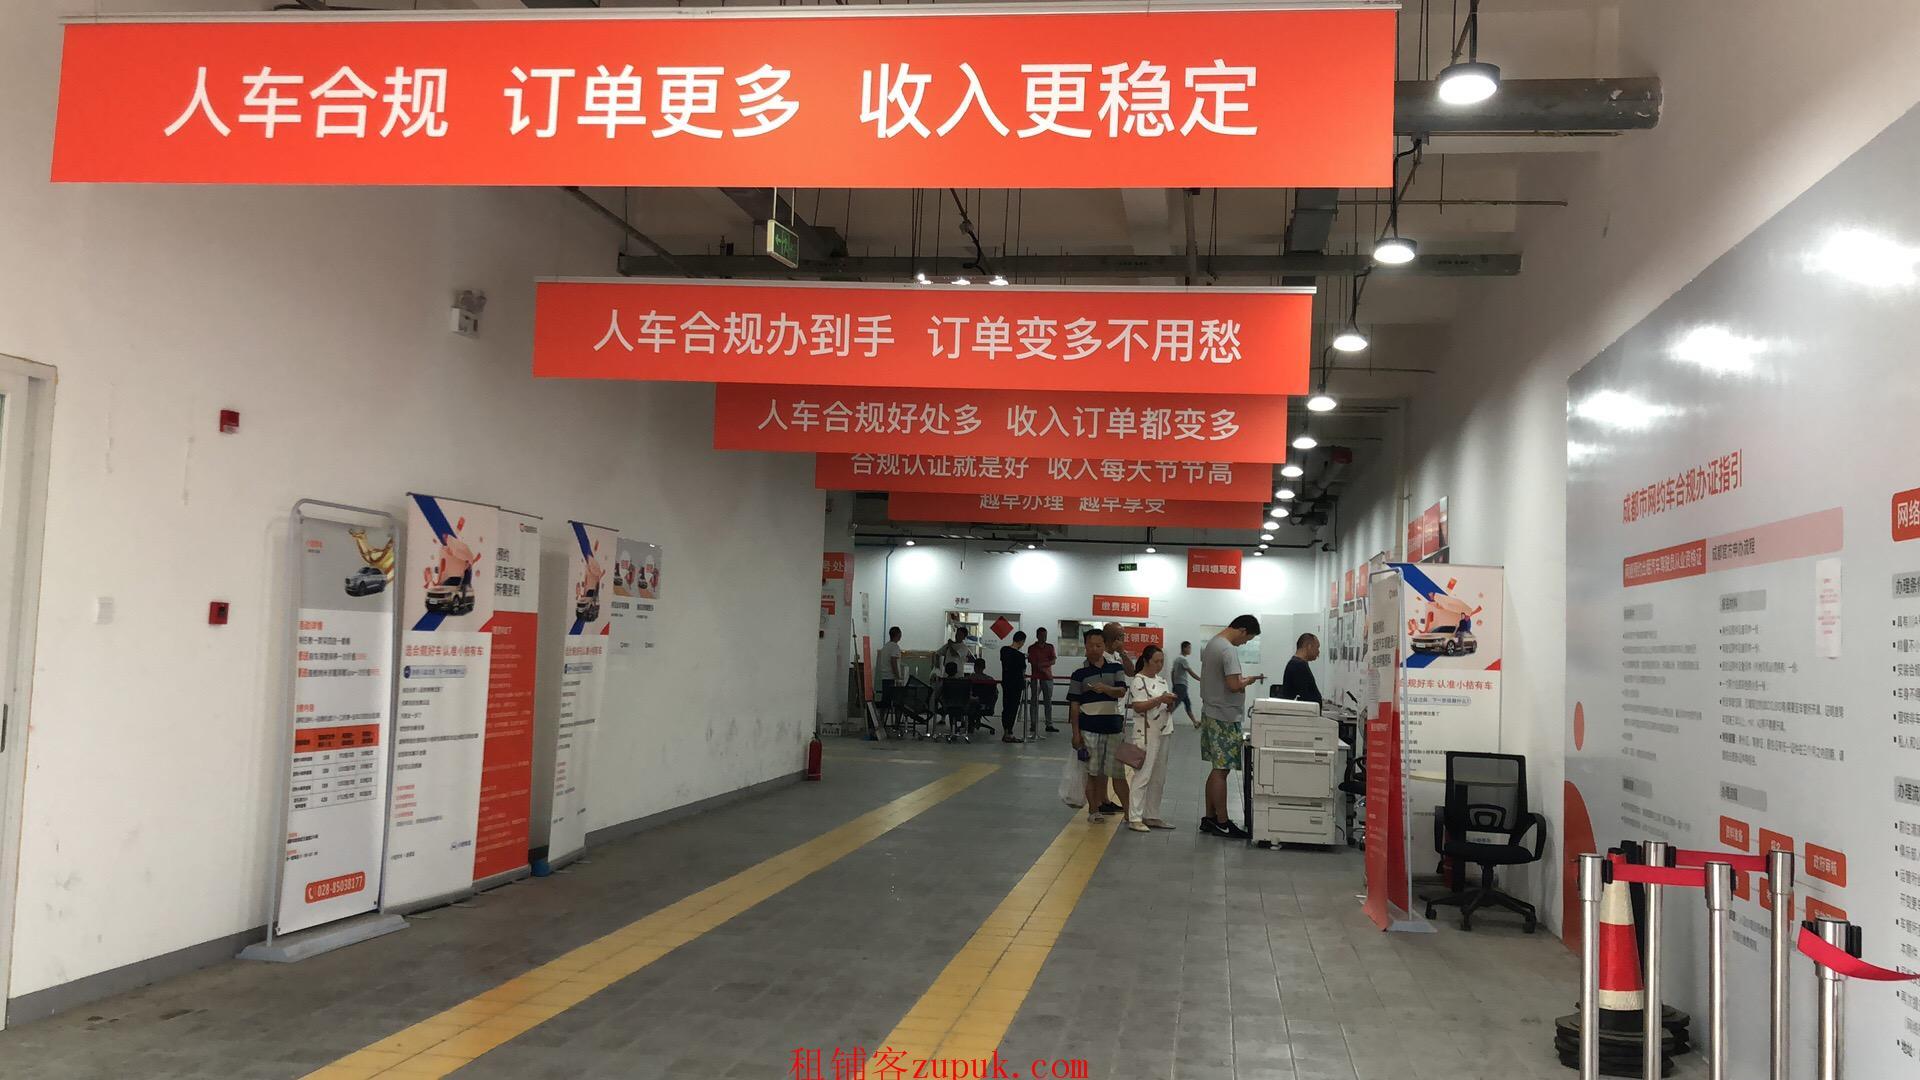 2400平汽车展厅转让4S店商圈 锦泰检测站旁 滴滴车主之家